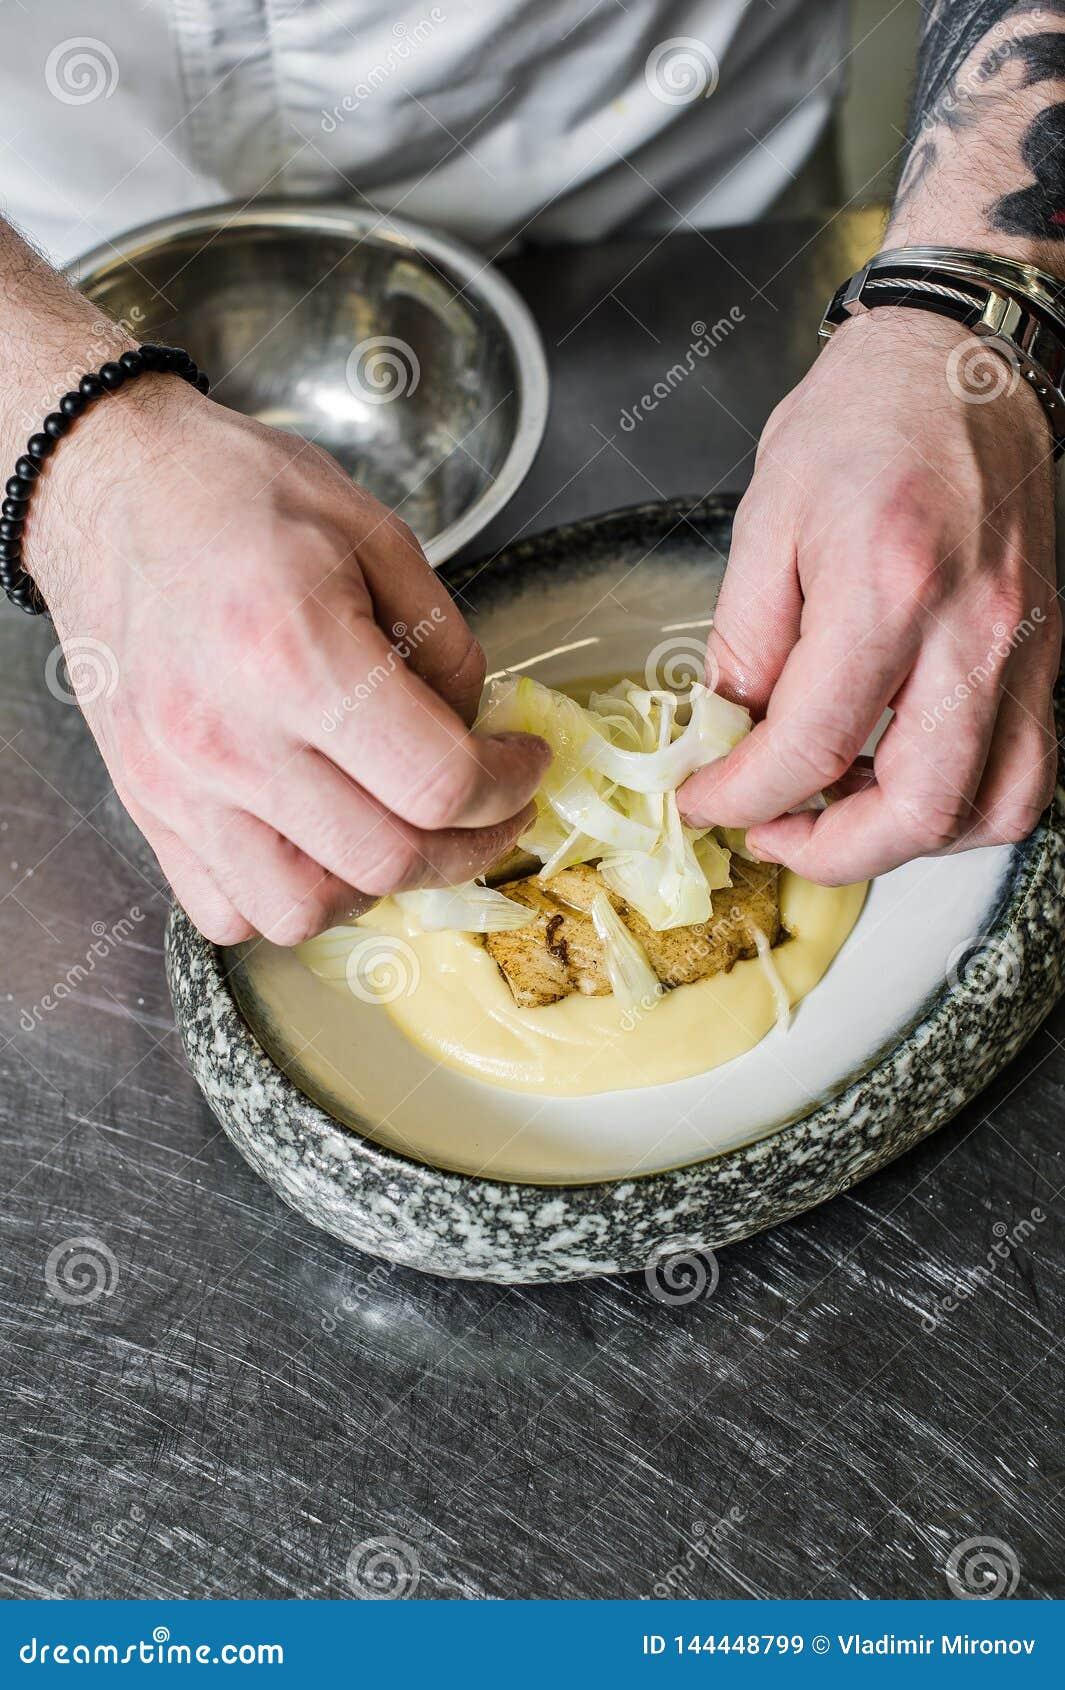 Russland, St Petersburg, 03 17 2019-Chef bereitet Heilbutt unter Sellerie in der Restaurantküche zu